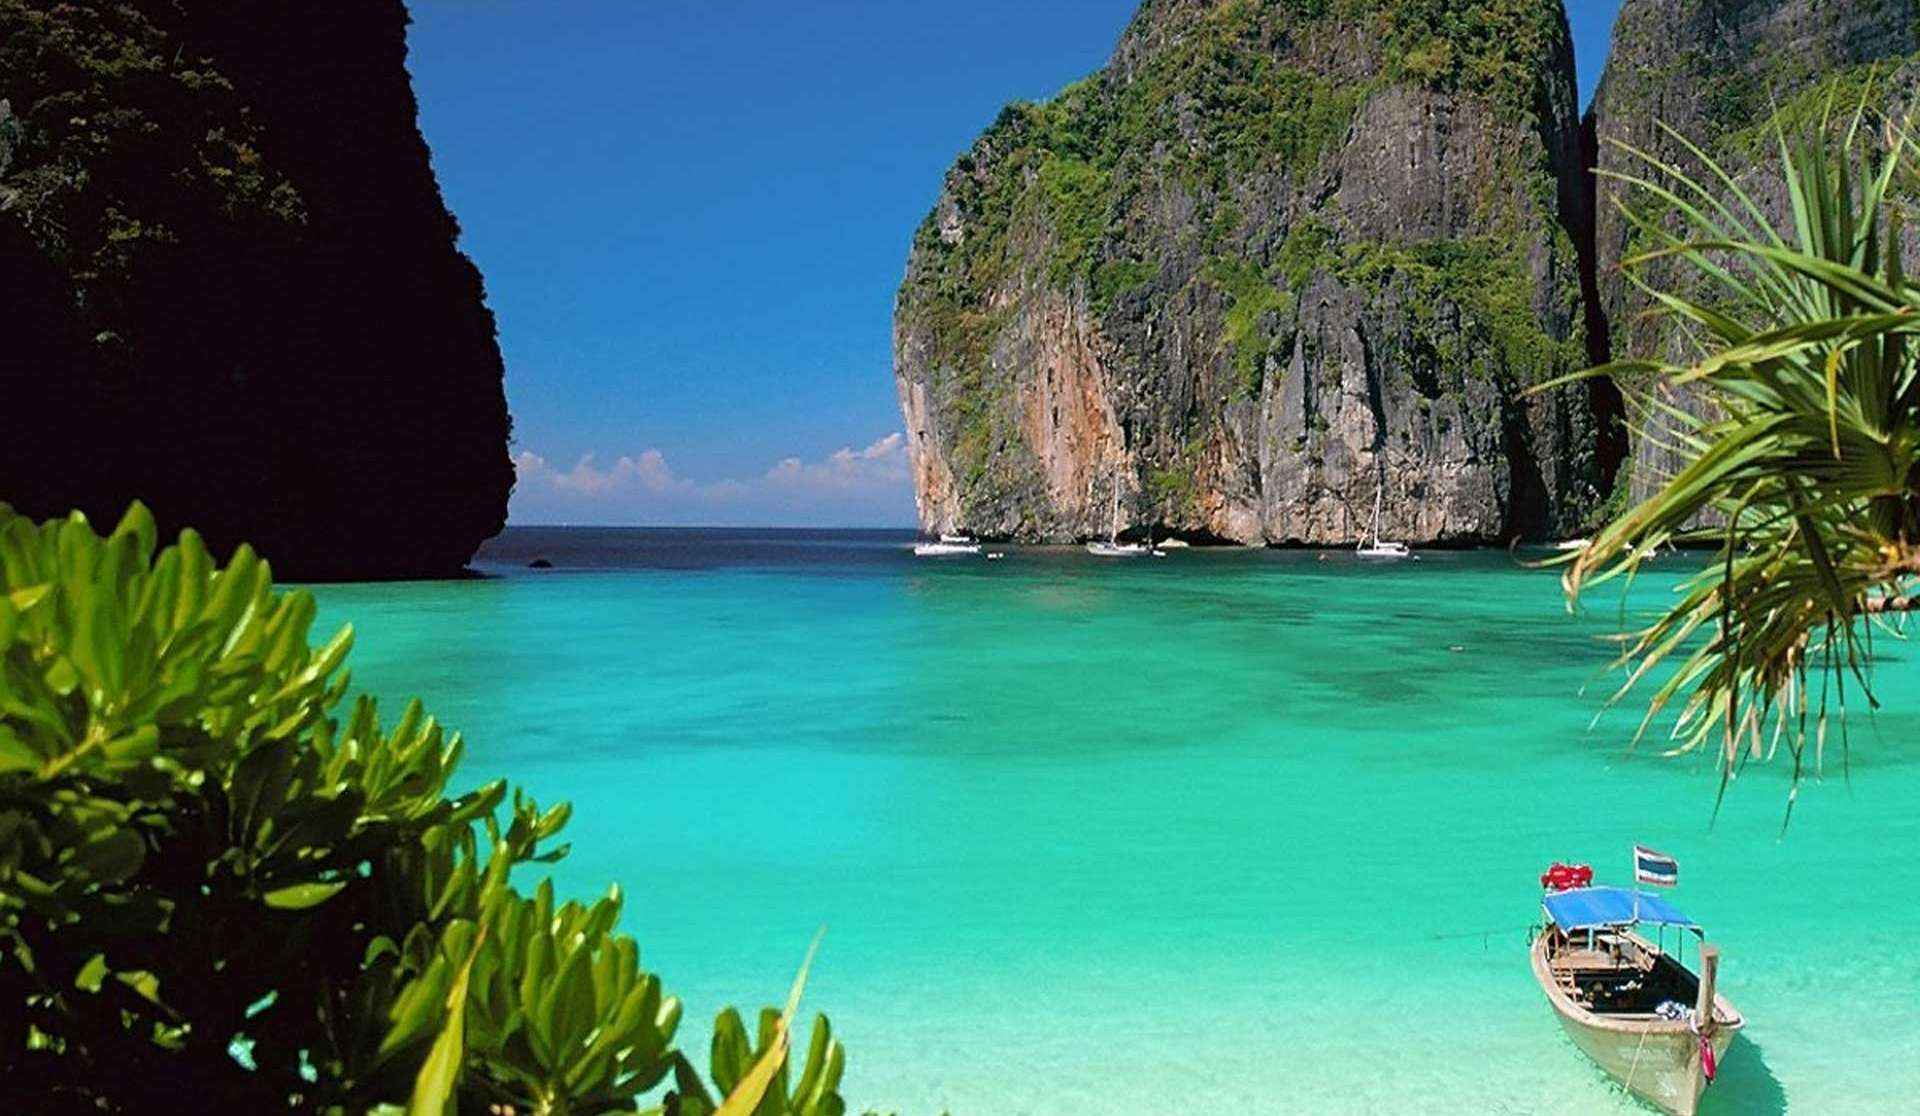 Thiên đường nghỉ dưỡng với những bãi biển xanh